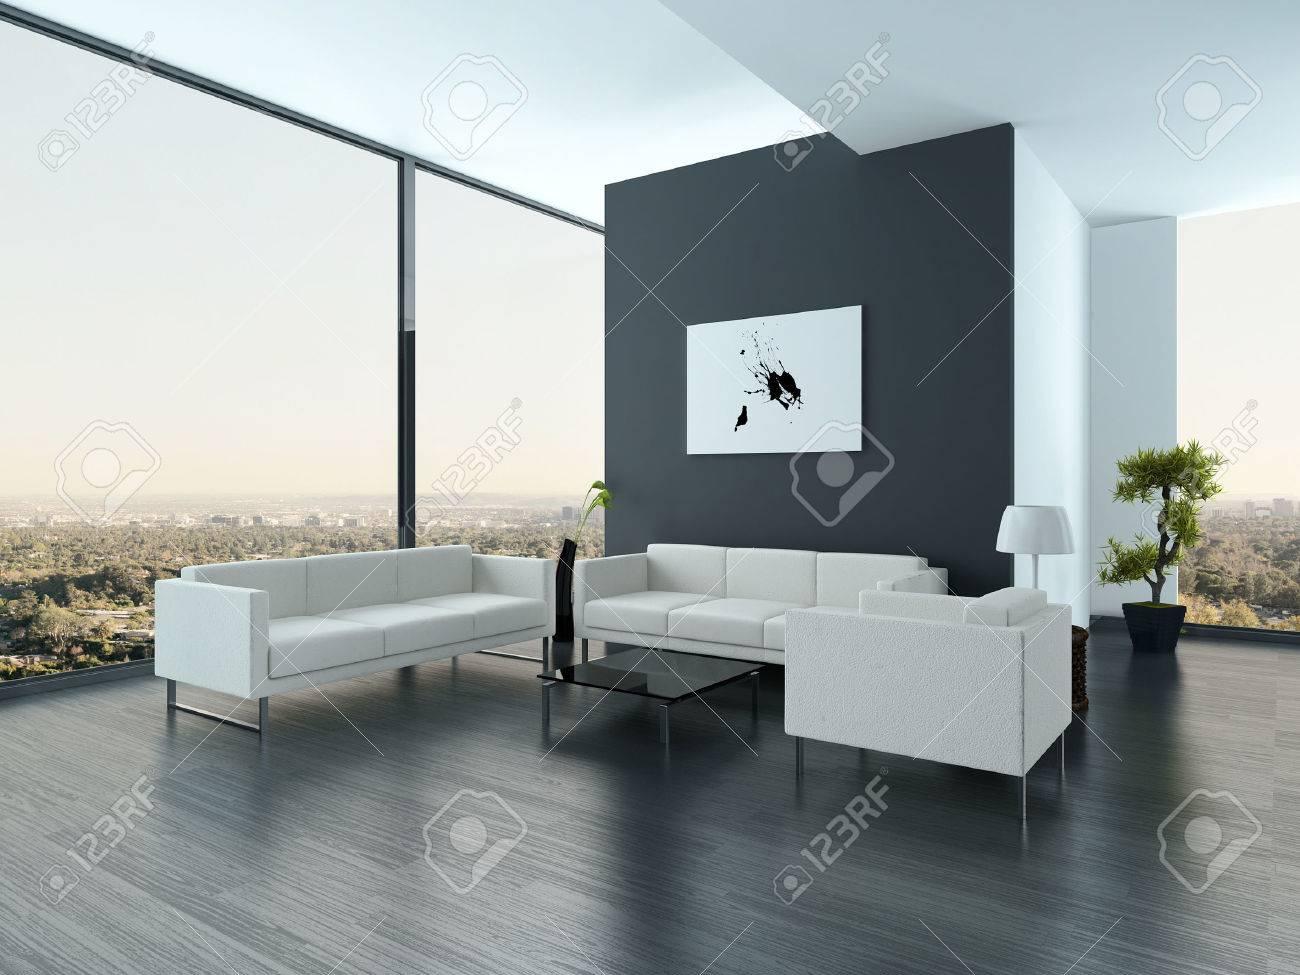 Mooie witte en grijze stijl woonkamer interieur met grote ramen ...